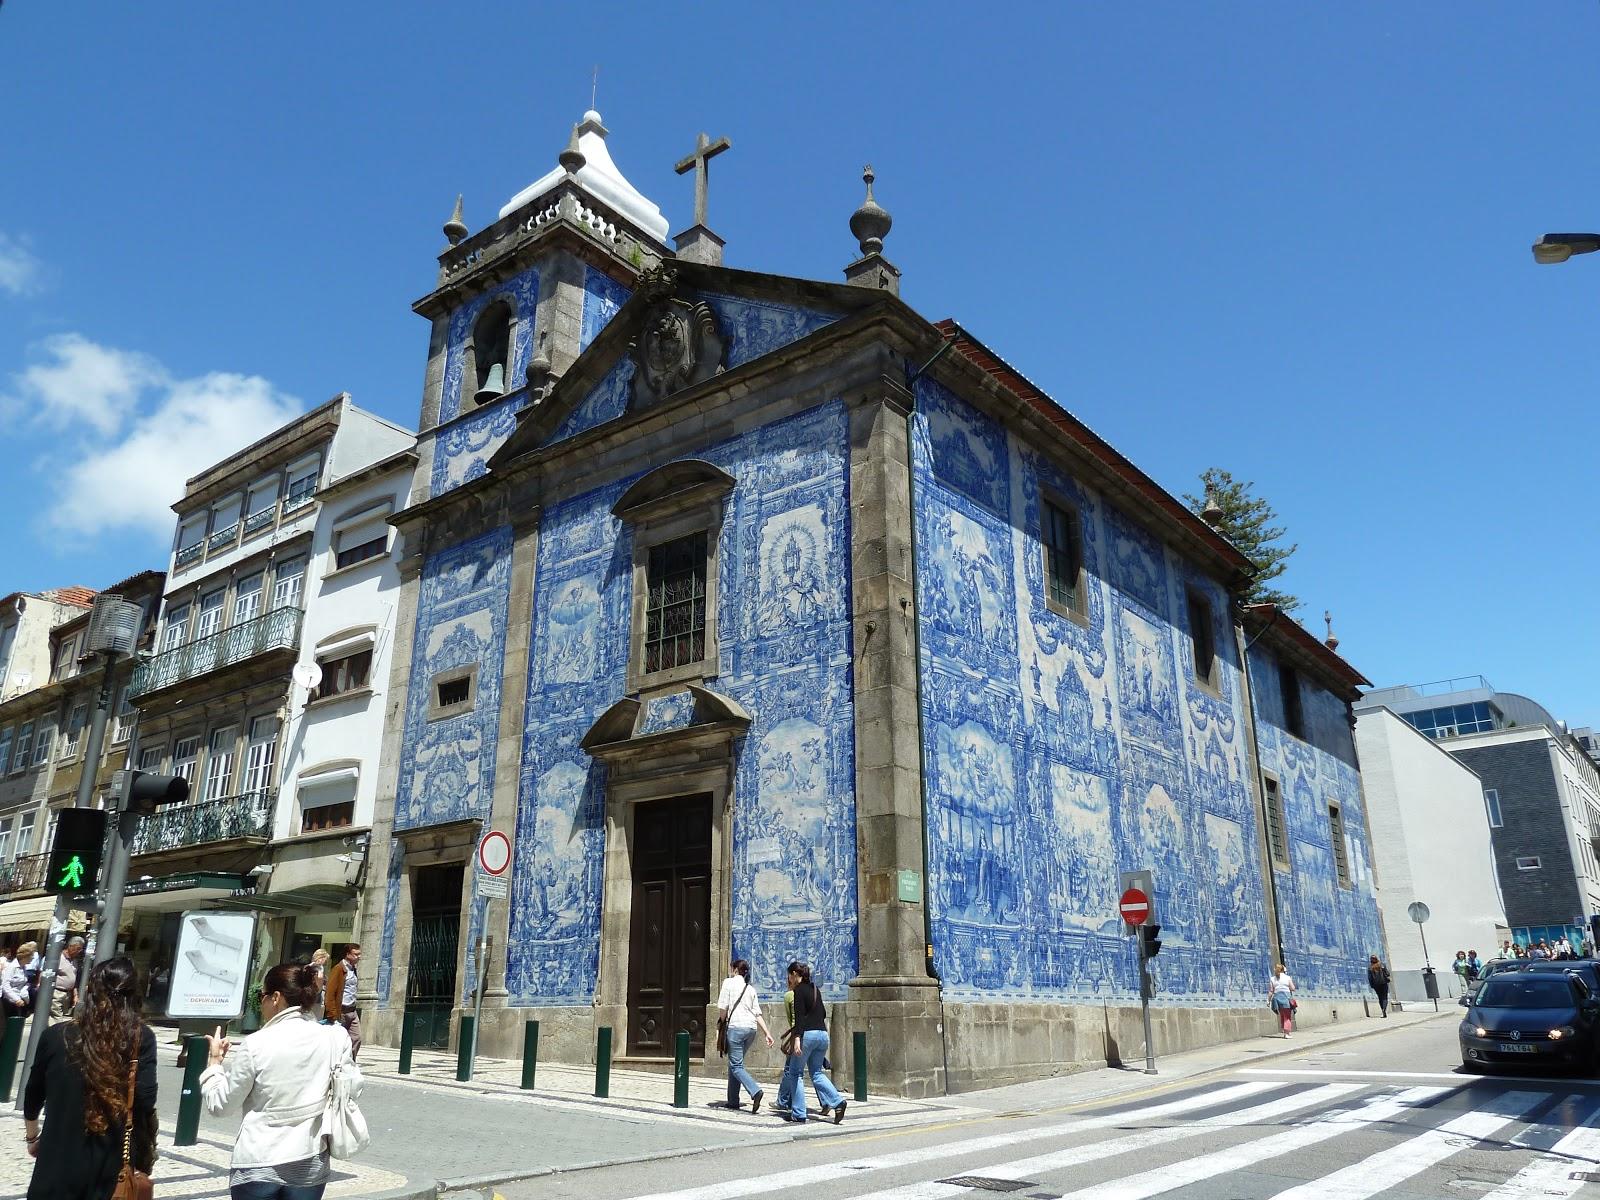 Une Semaine Pour Visiter Lisbonne Et Porto Octobre 2012